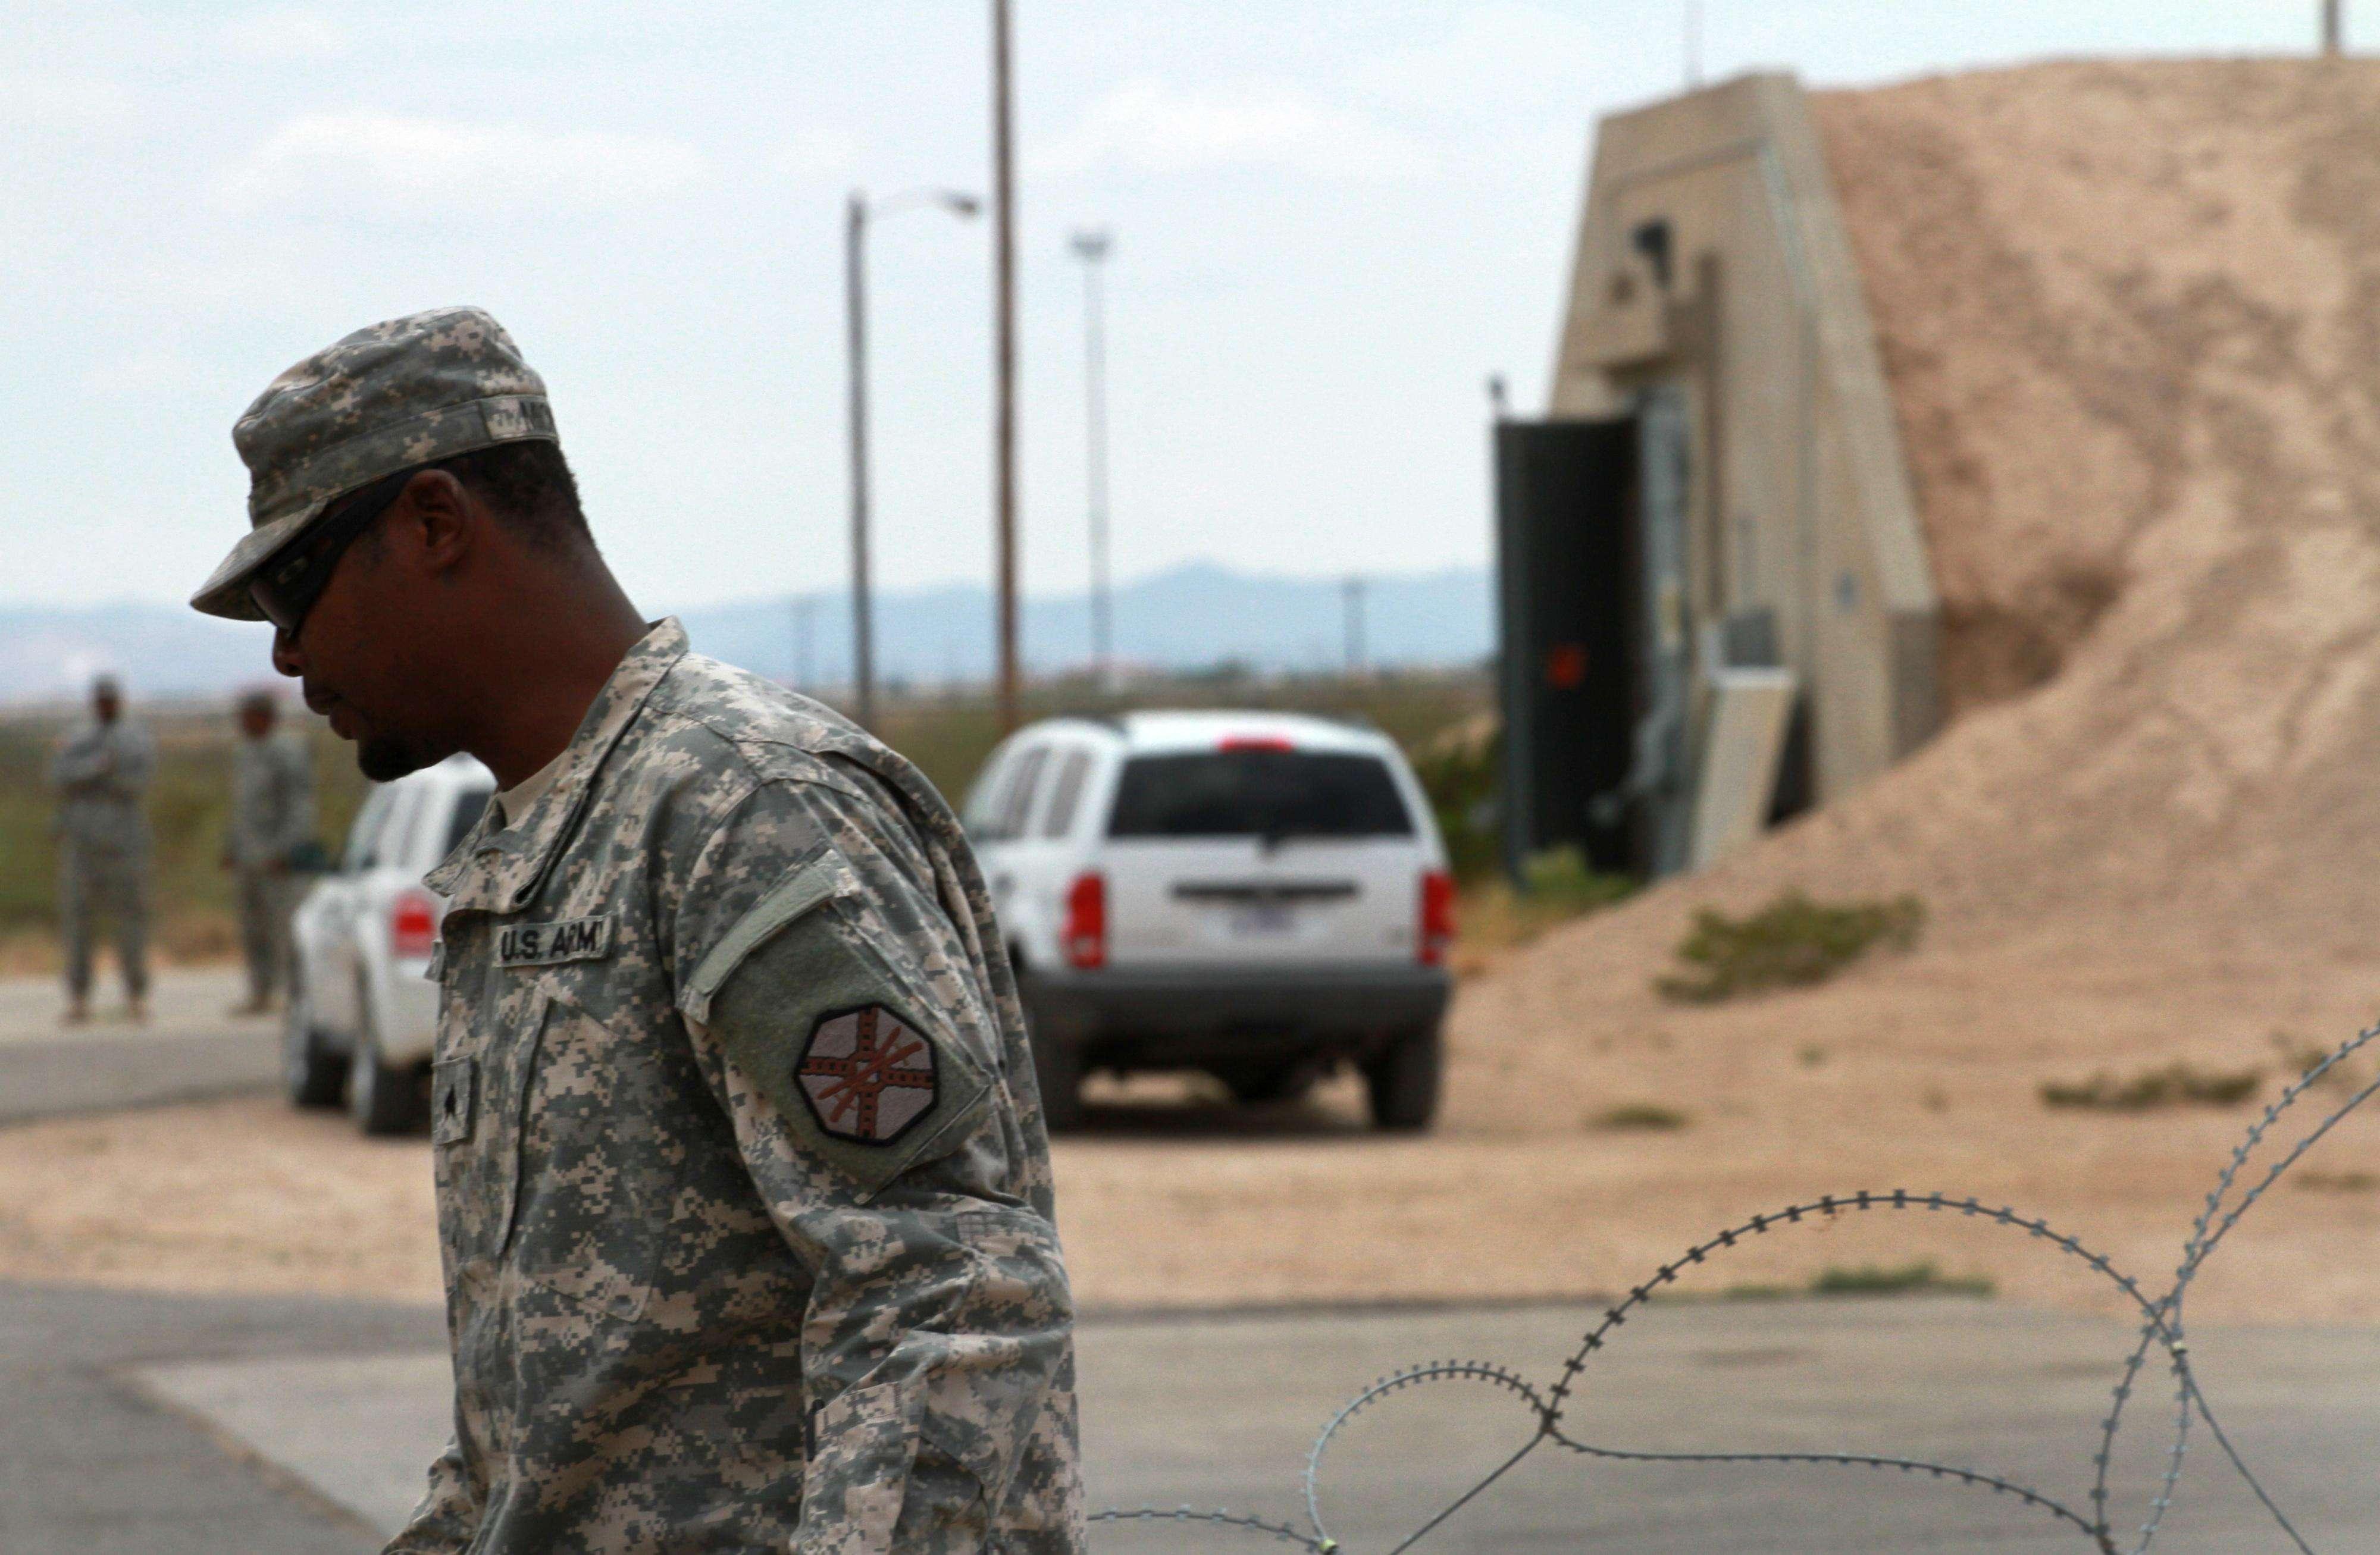 Los militares aceptaron haber ayudado a indocumentados a entrar ilegalmente a EU. Foto: AP en español